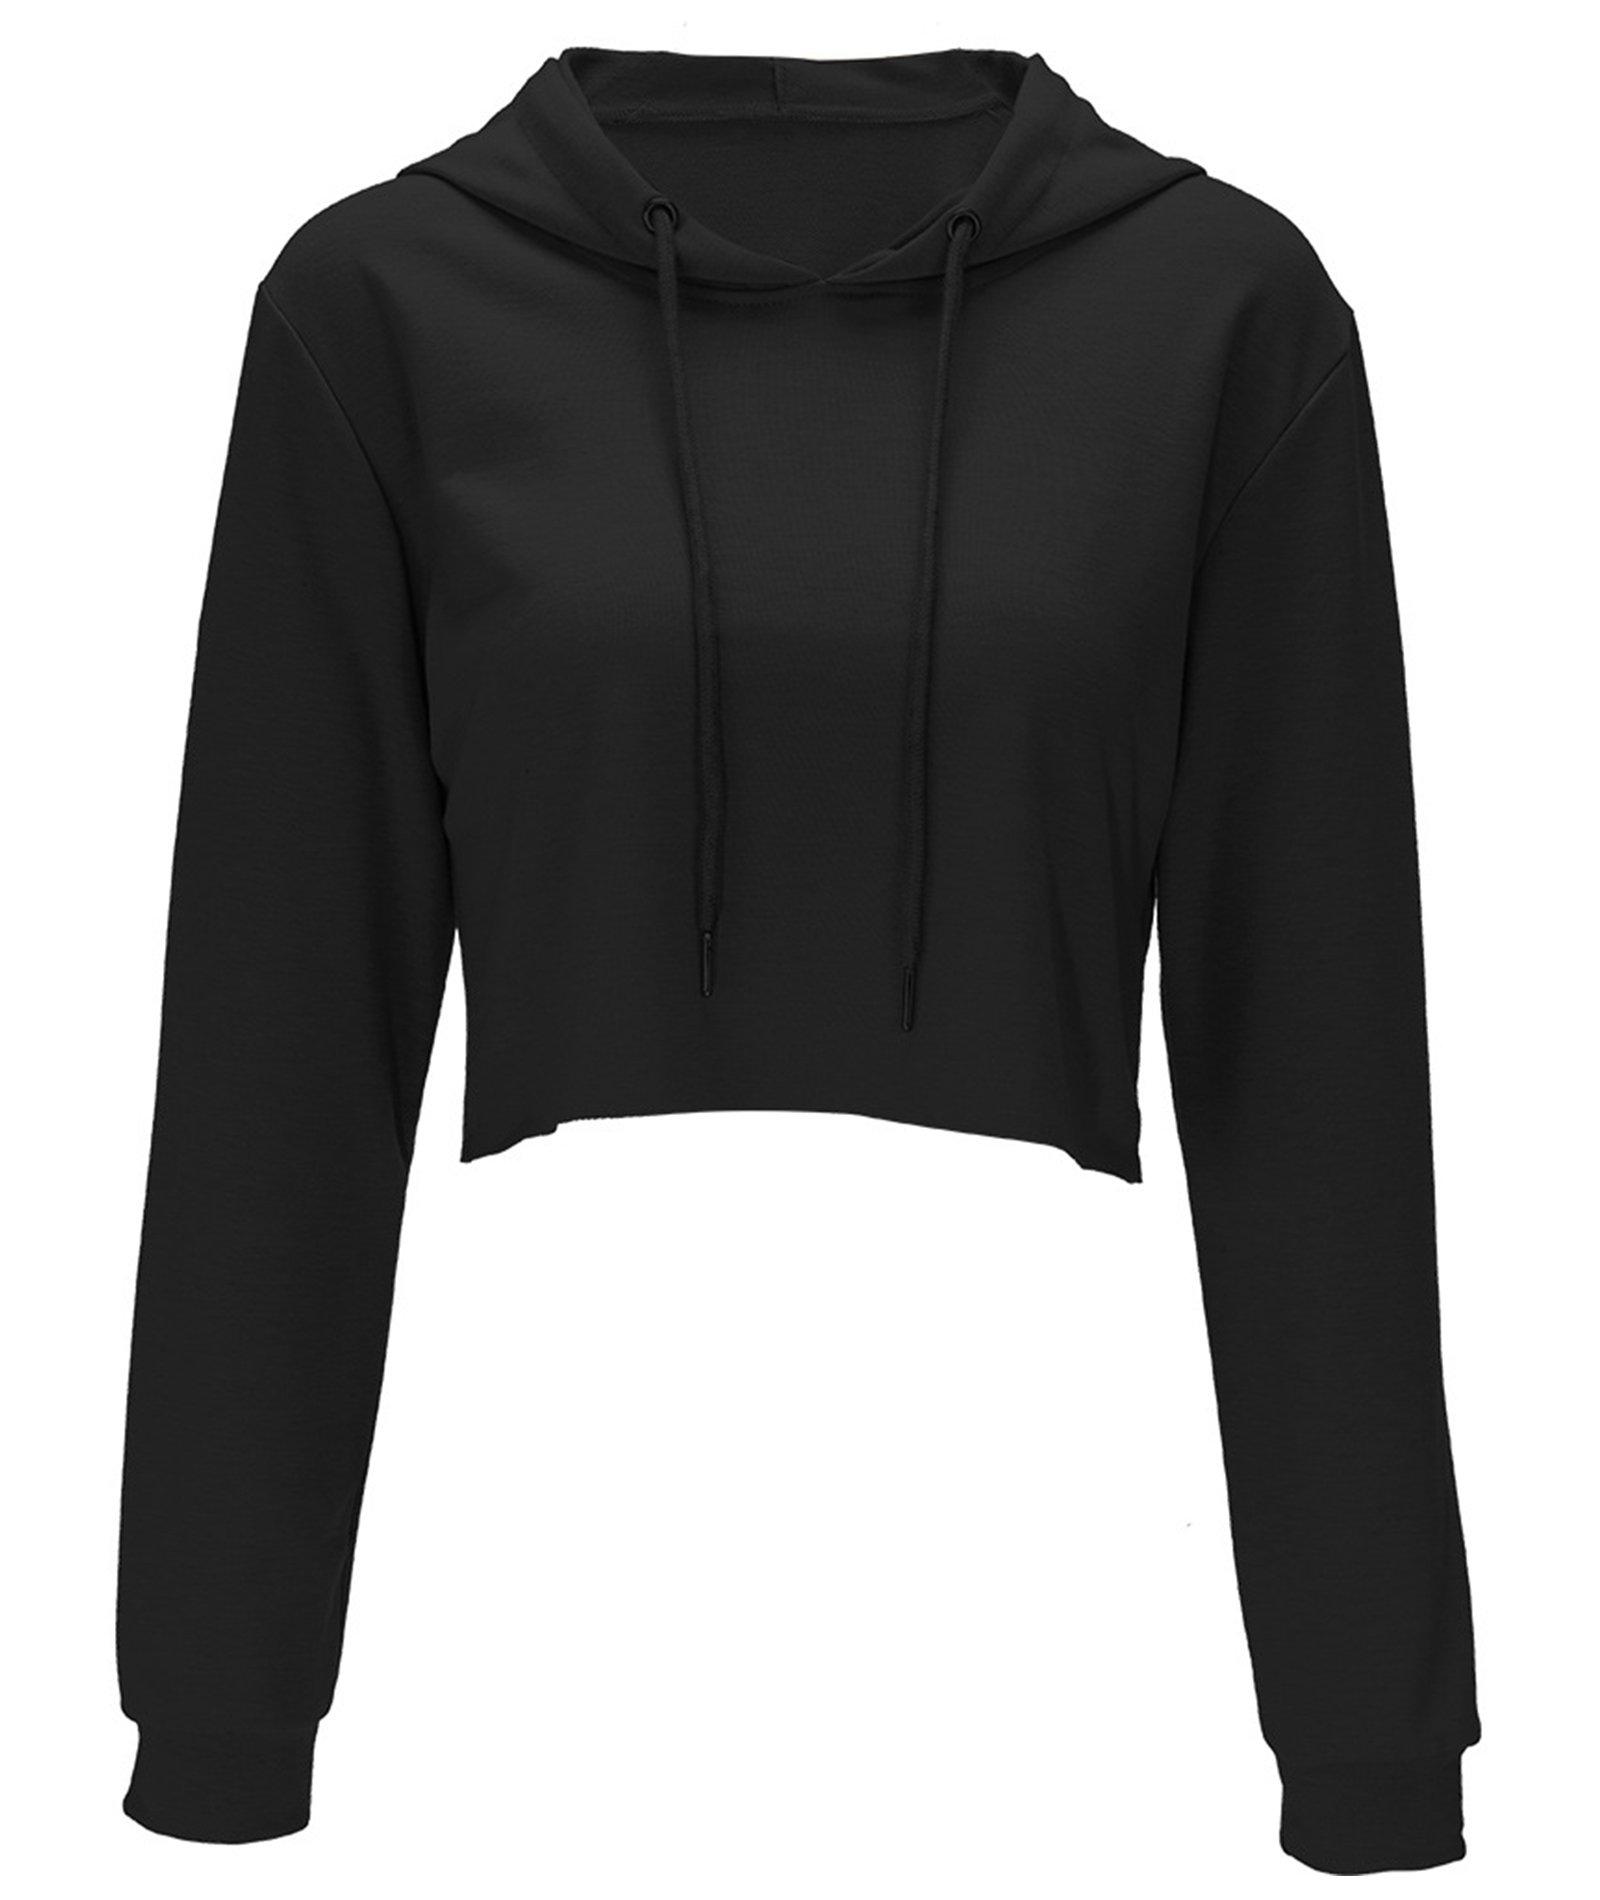 Women Pullover Hoodie Long Sleeve Casual Sweatshirt Black Large